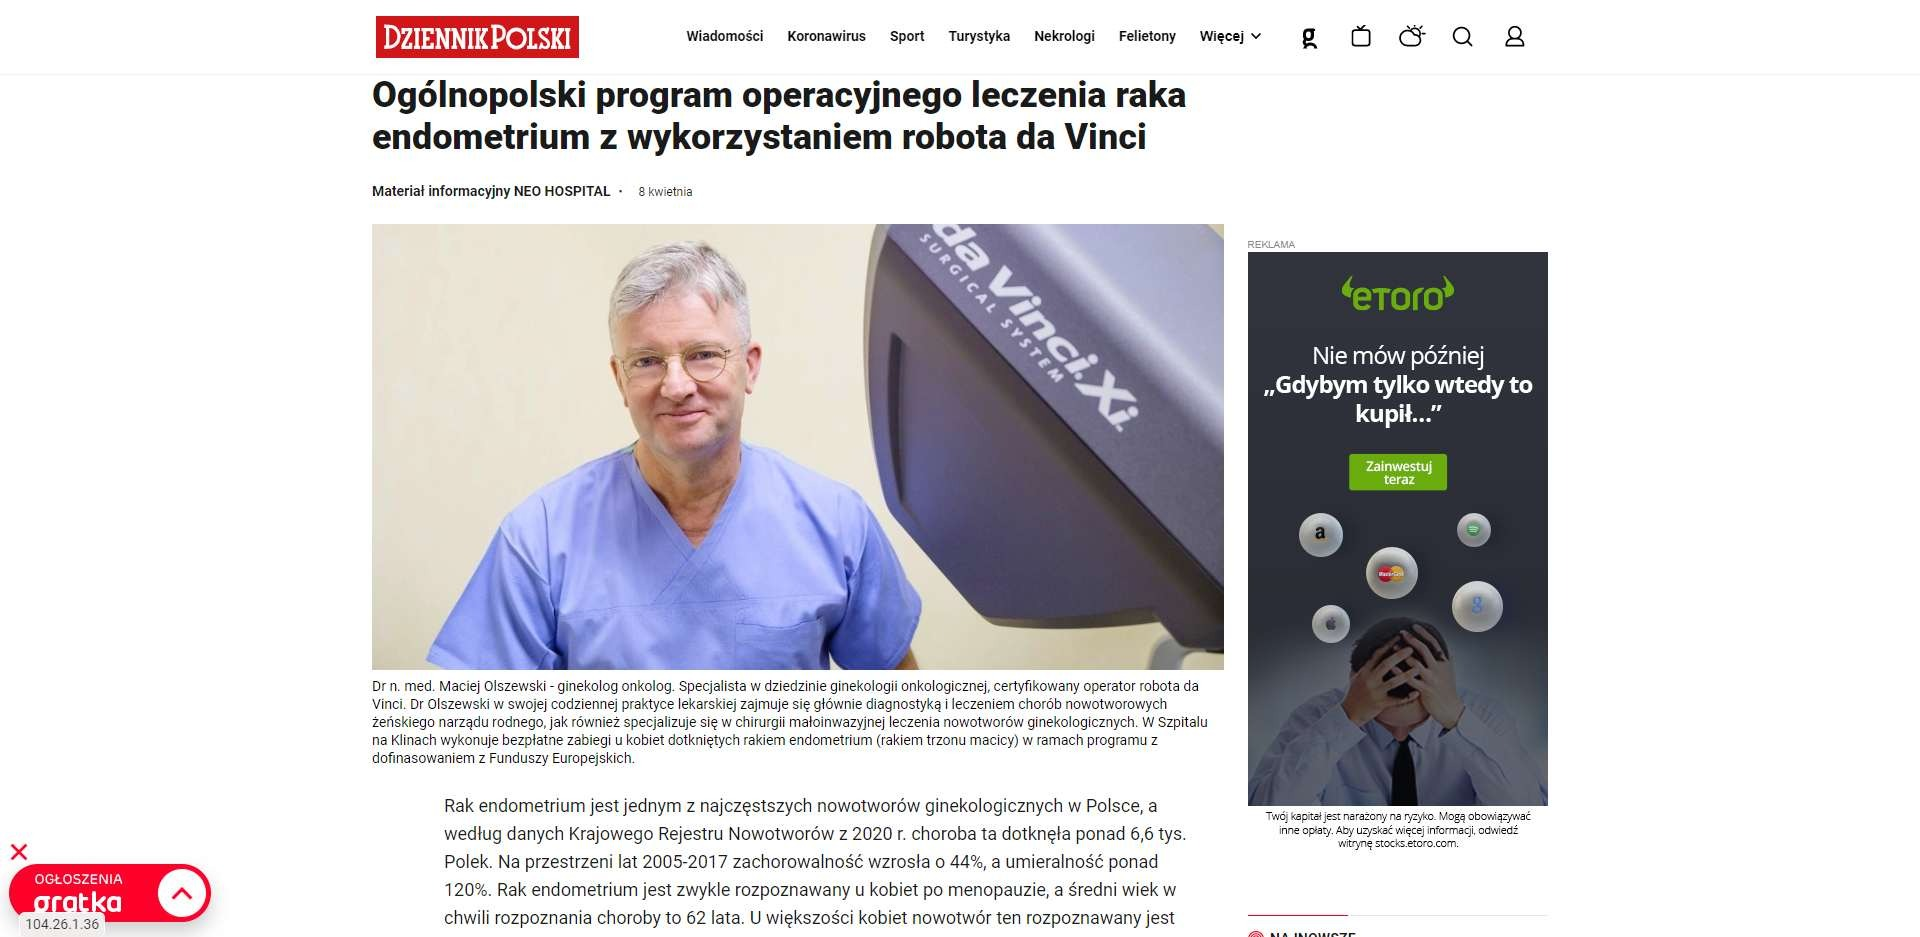 ogolnopolski program operacyjnego leczenia raka endometrium z wykorzystaniem robota da vinci